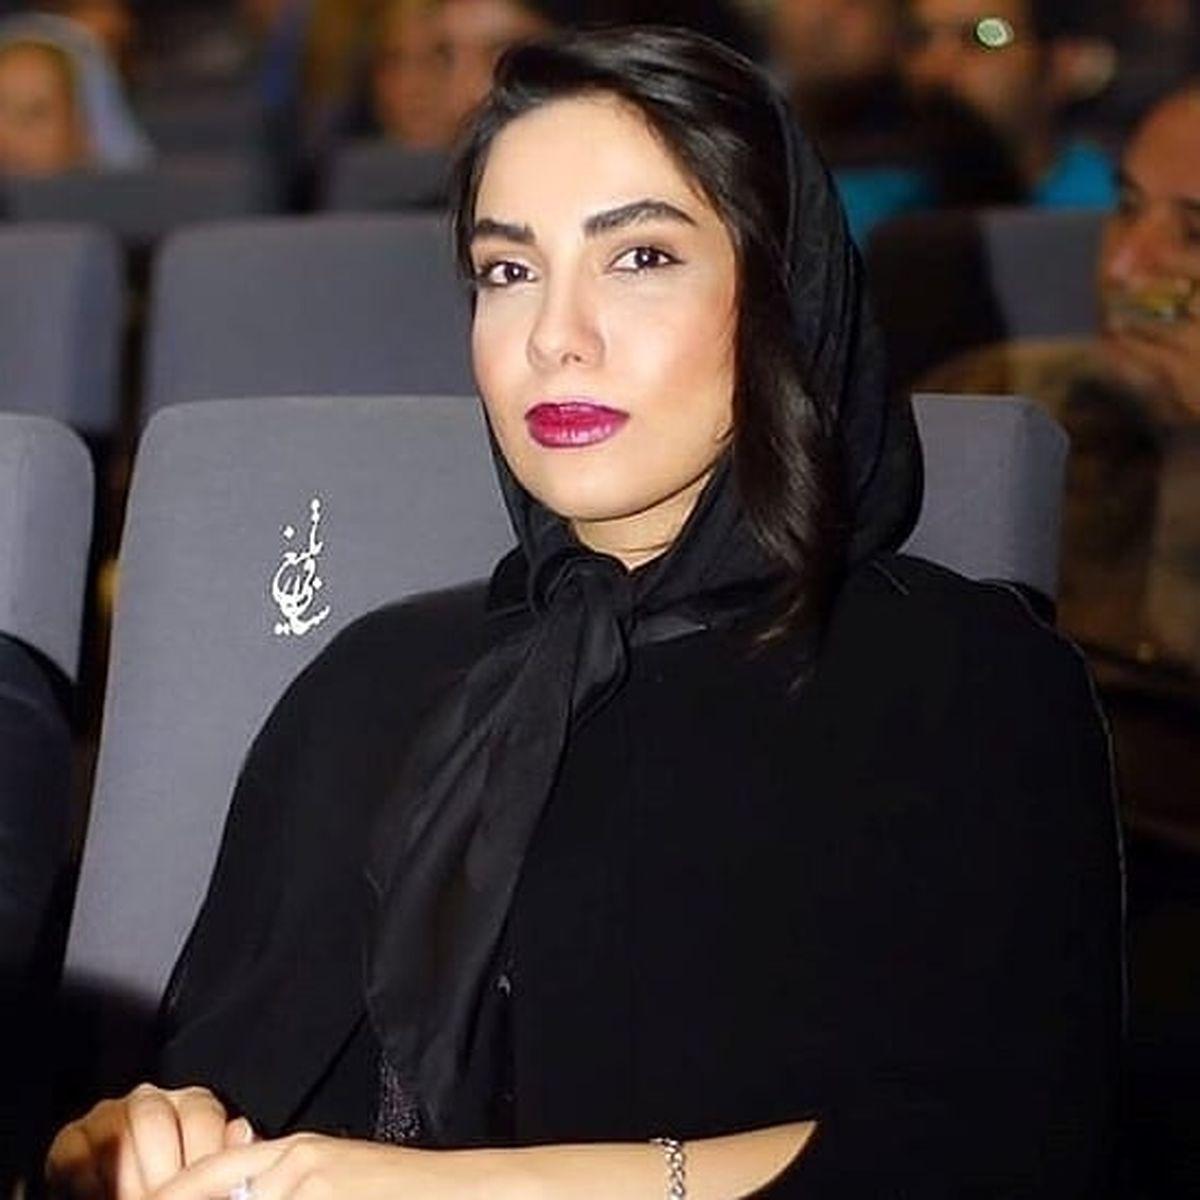 عکس های لو رفته از الهه فرشچی که به امارات مهاجرت کرد